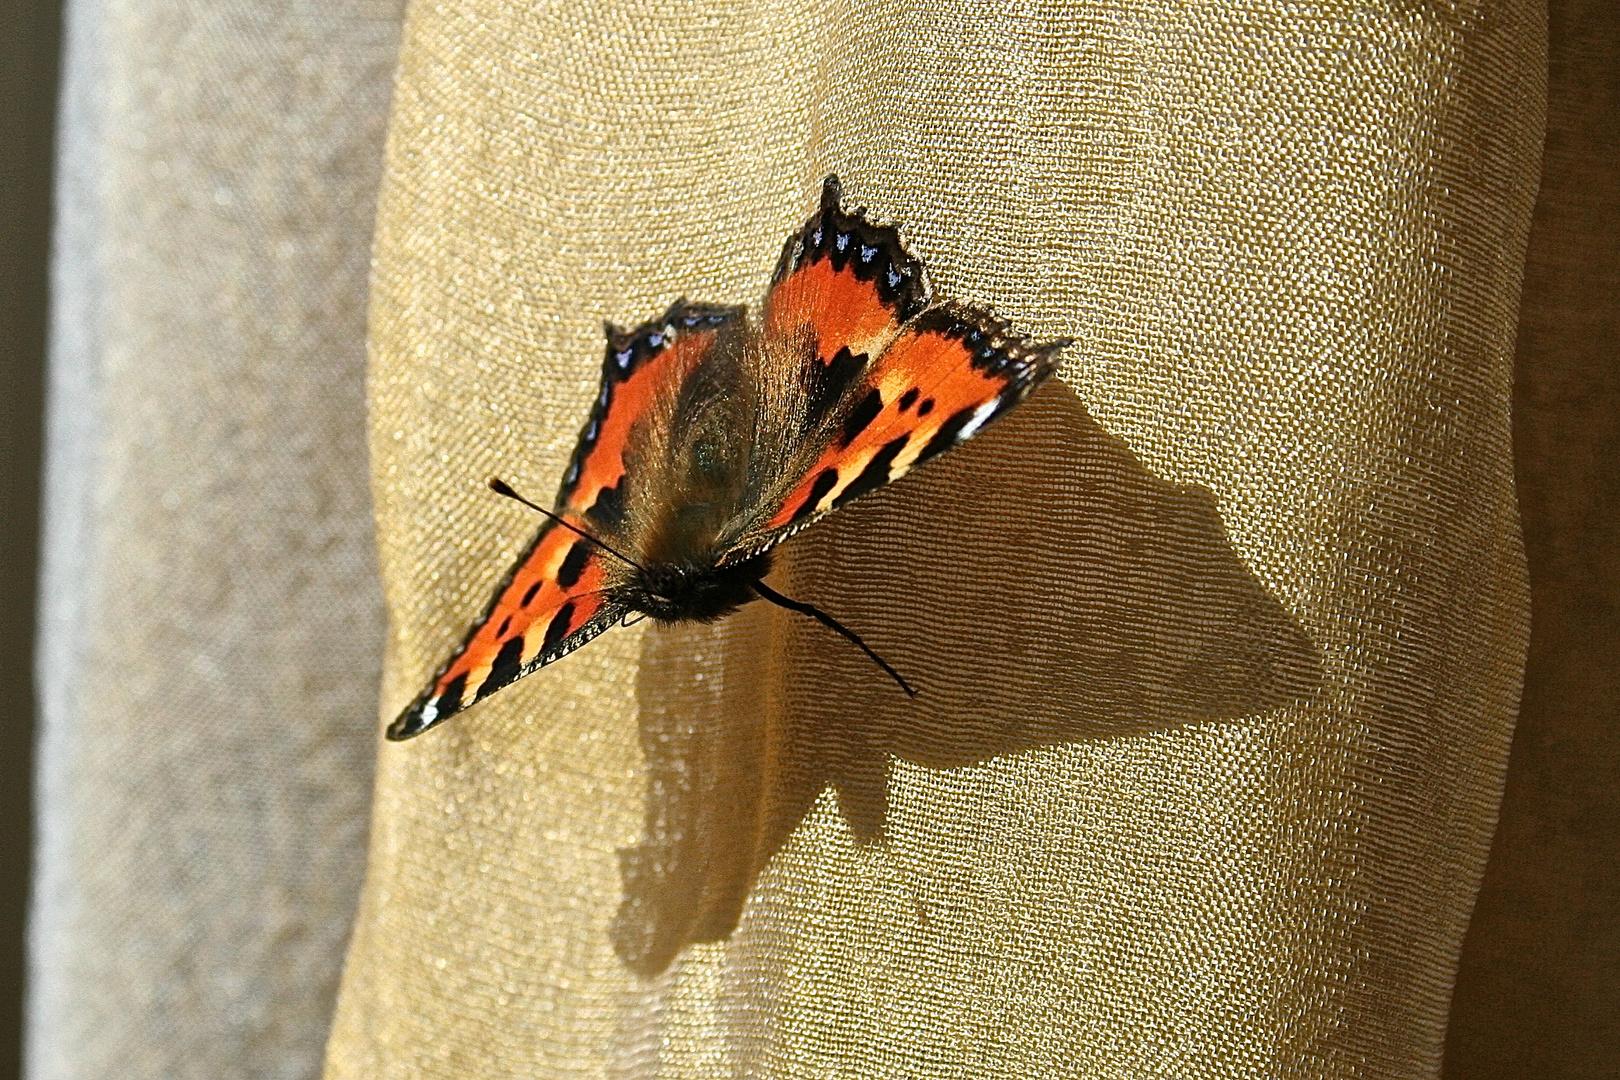 Schmetterling auf der Gardine